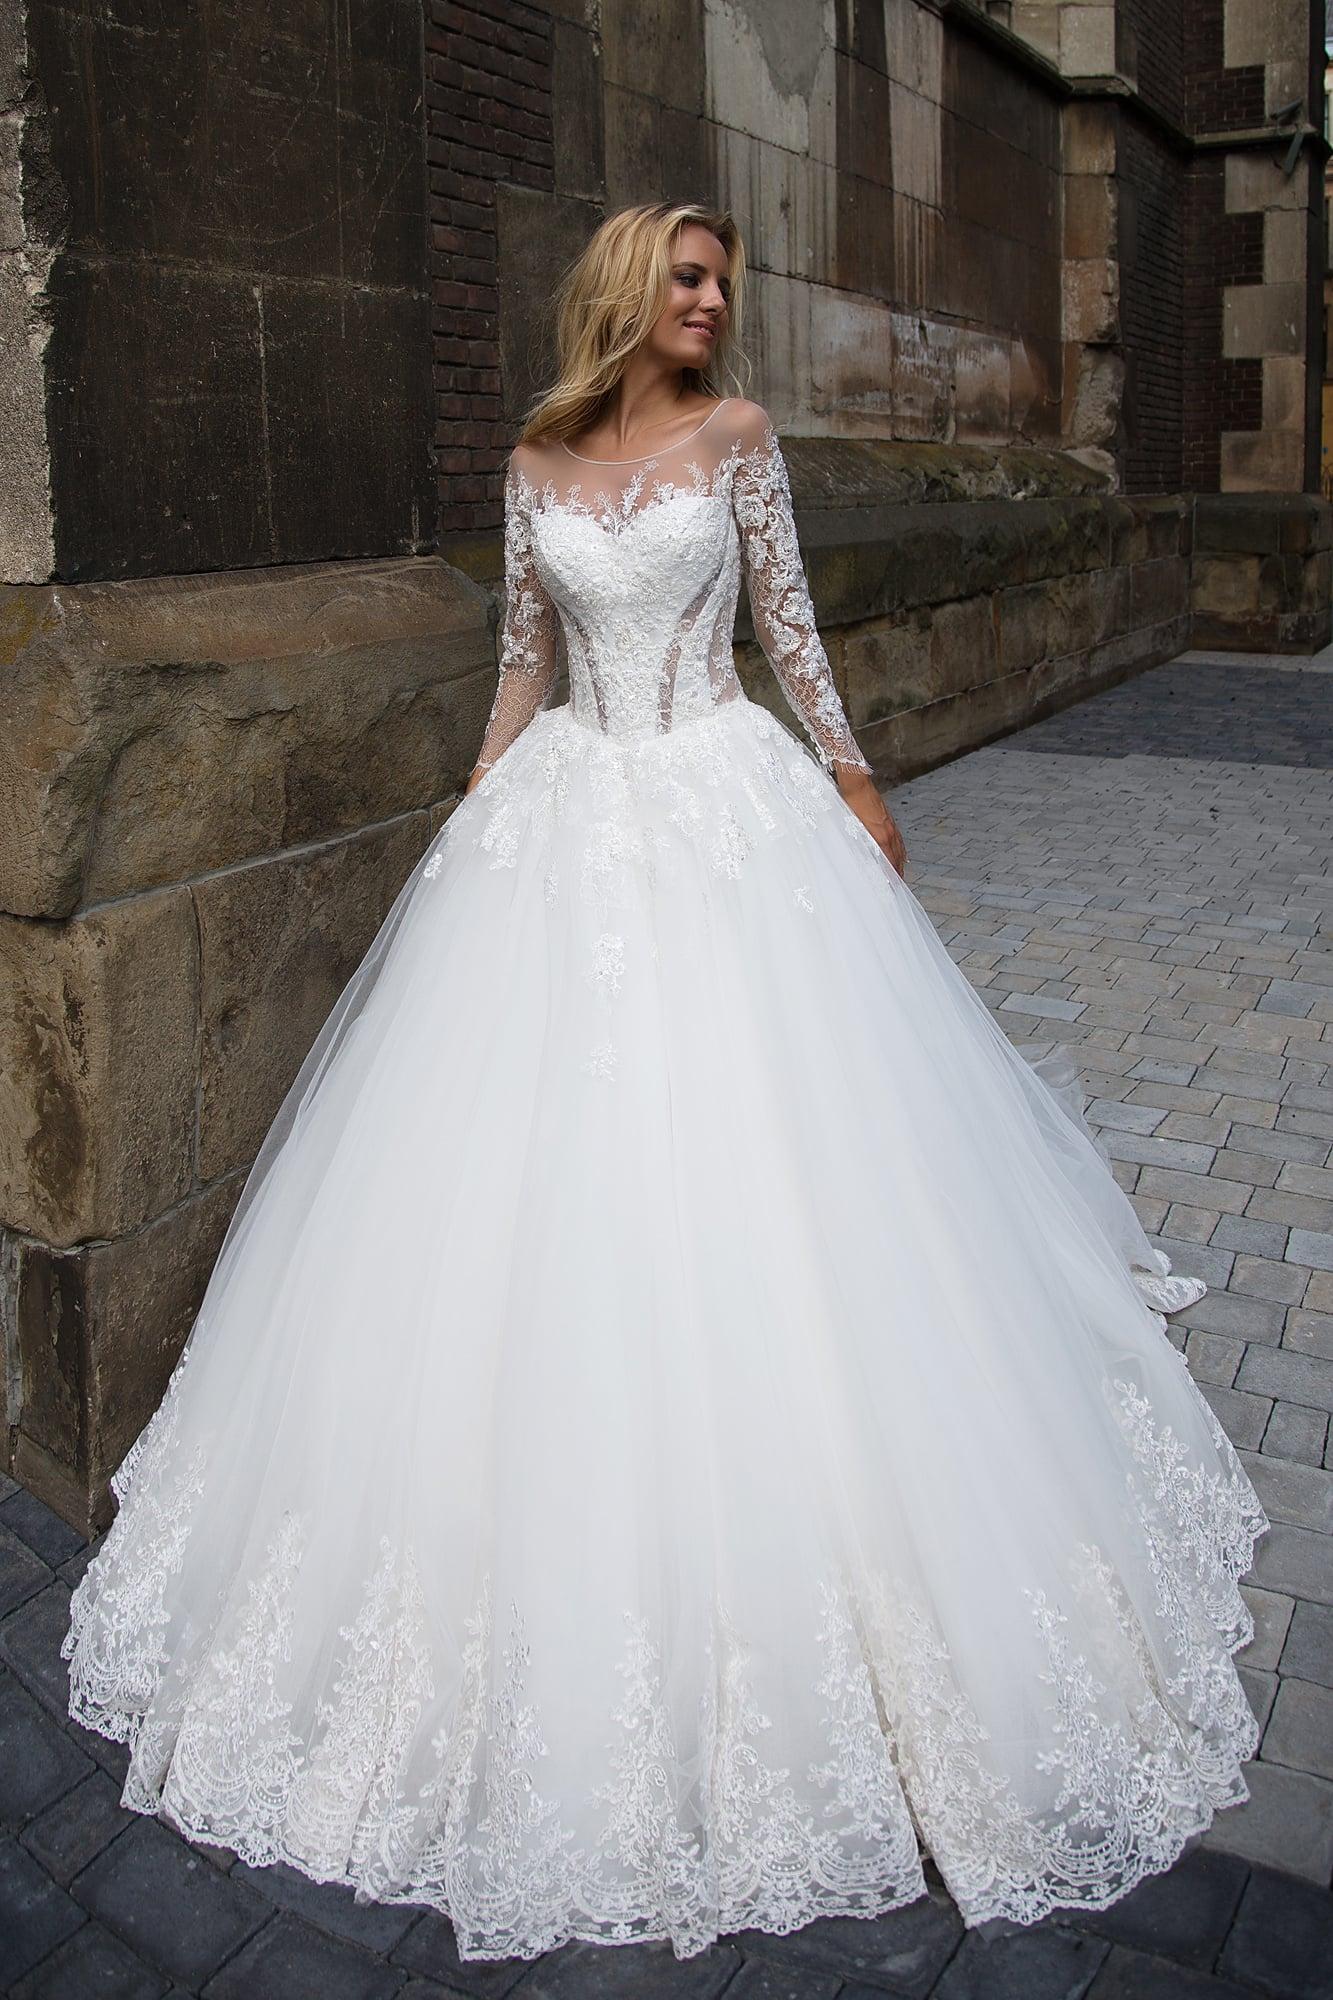 Фото свадебных платьев 2017 со шлейфом